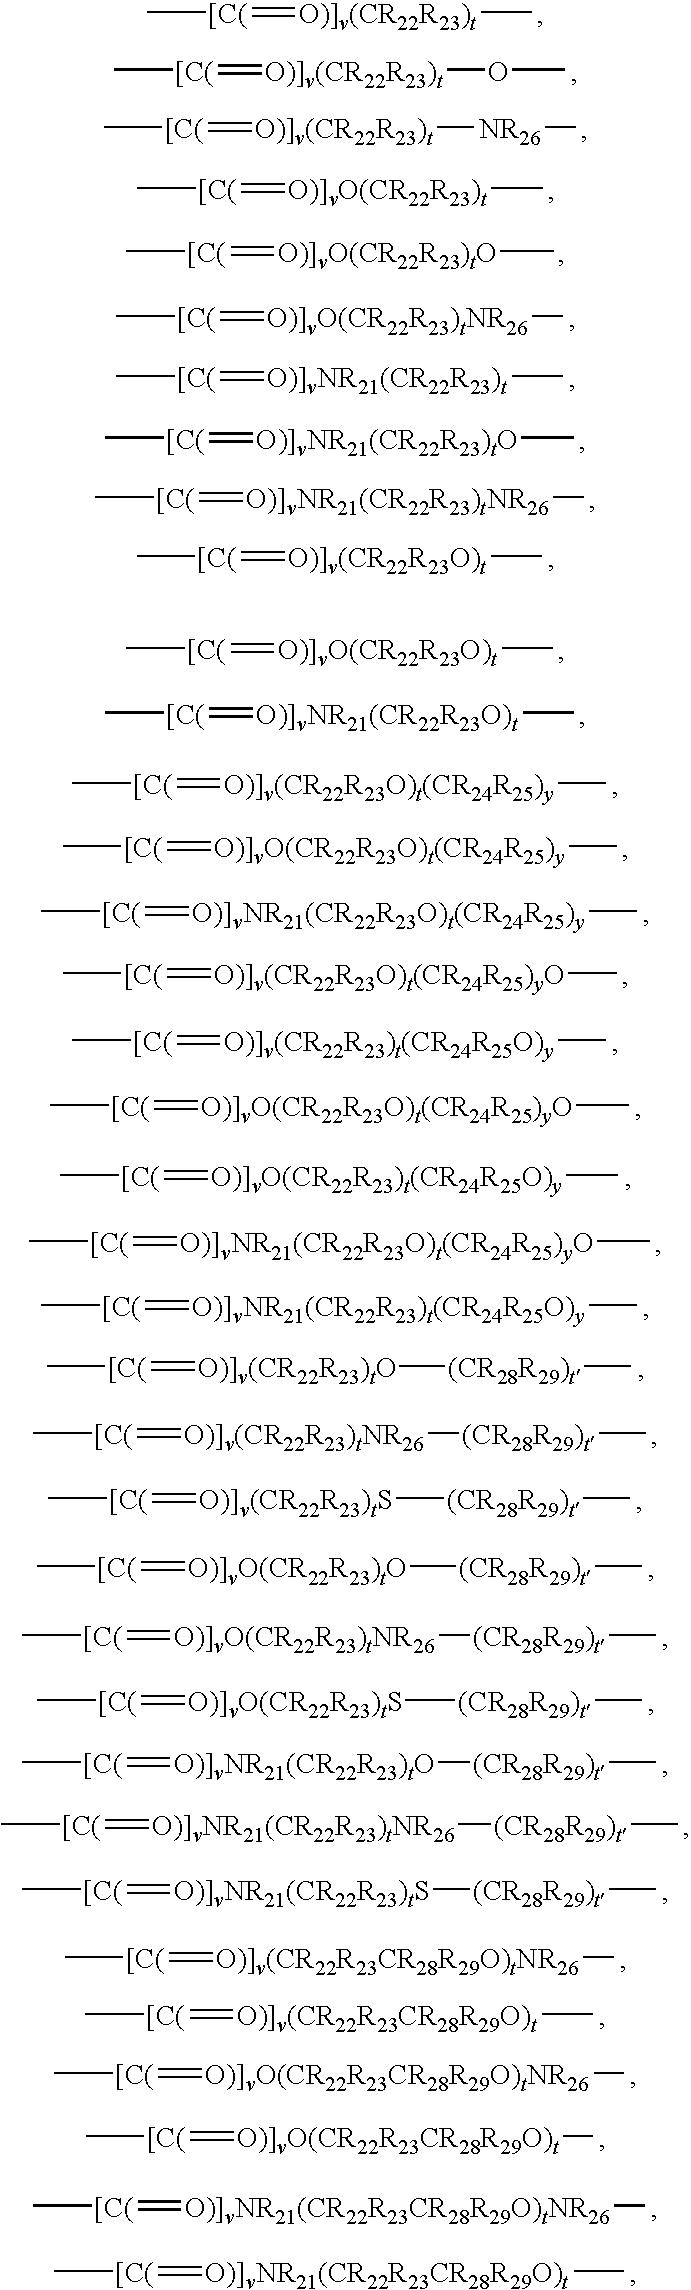 Figure US20100056555A1-20100304-C00034